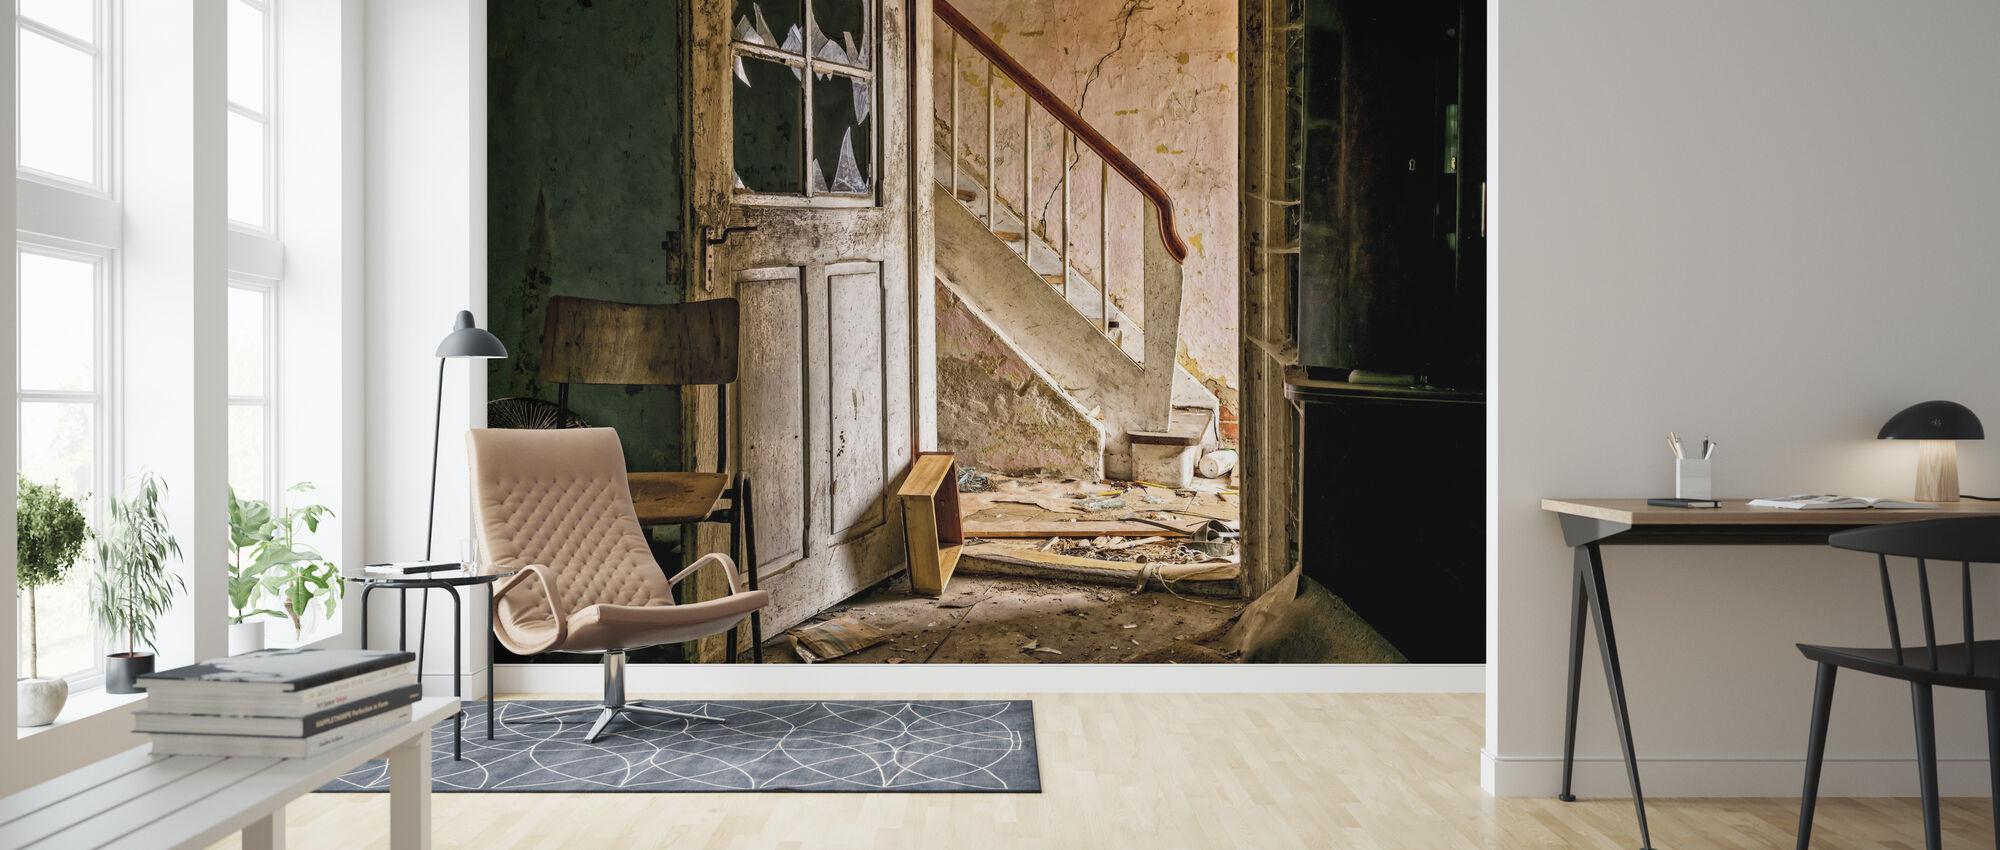 Stairs and Broken Door - Wallpaper - Living Room